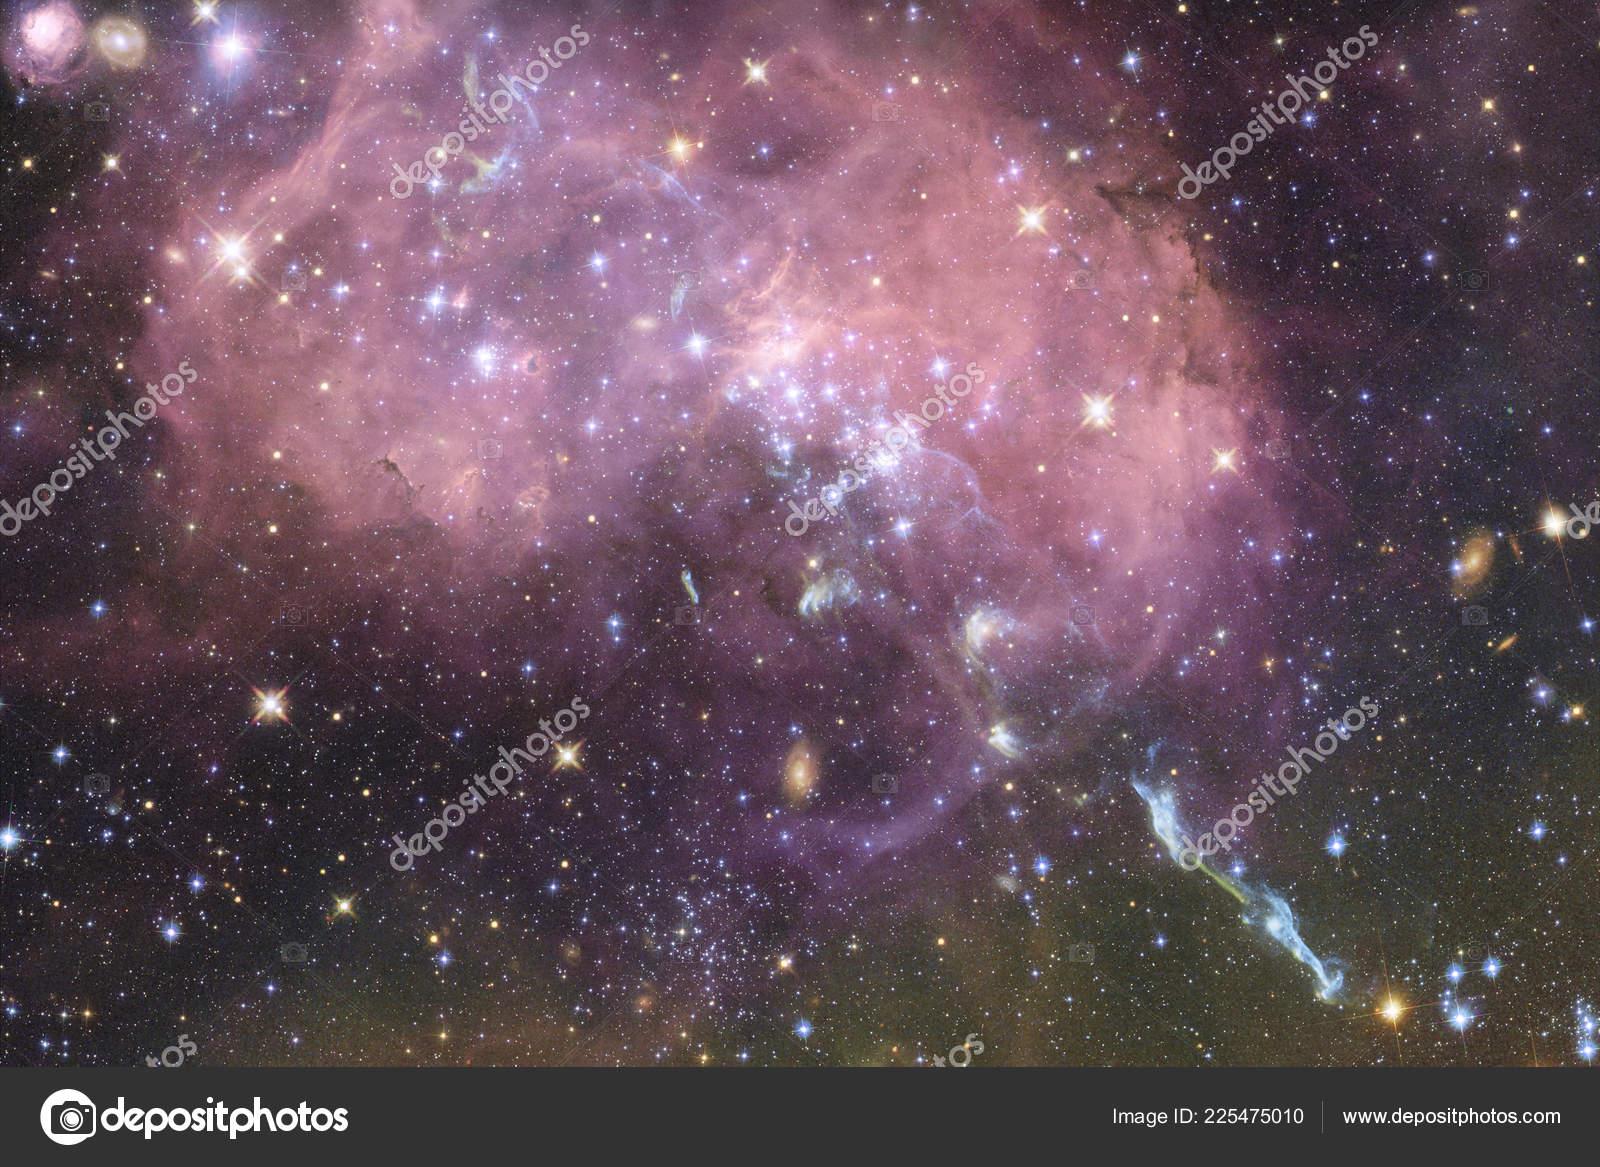 depositphotos 225475010 stock photo galaxies stars nebulas awesome space